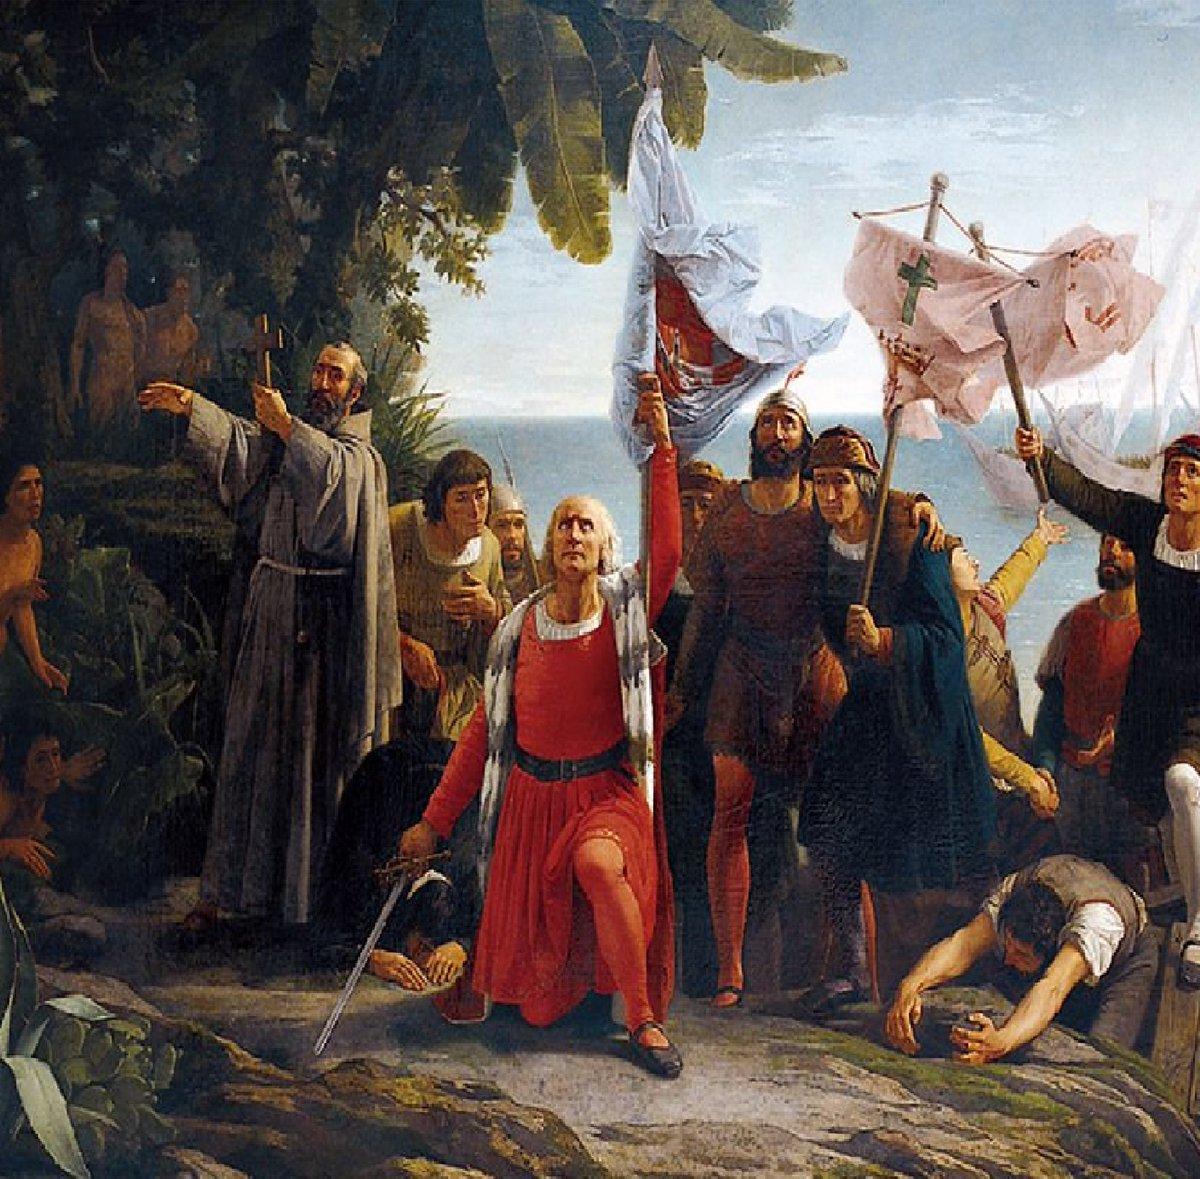 El 12 d octubre d 1492 llegó Colón con sus carabelas a la isla de Guanahani. Se inició así uno d los más sangrientos etnocidios d la historia humana. La gente digna recuerda la fecha como DIA DE LA RESISTENCIA INDÍGENA. Los fascistas españoles celebran el DÍA DE LA HISPANIDAD.